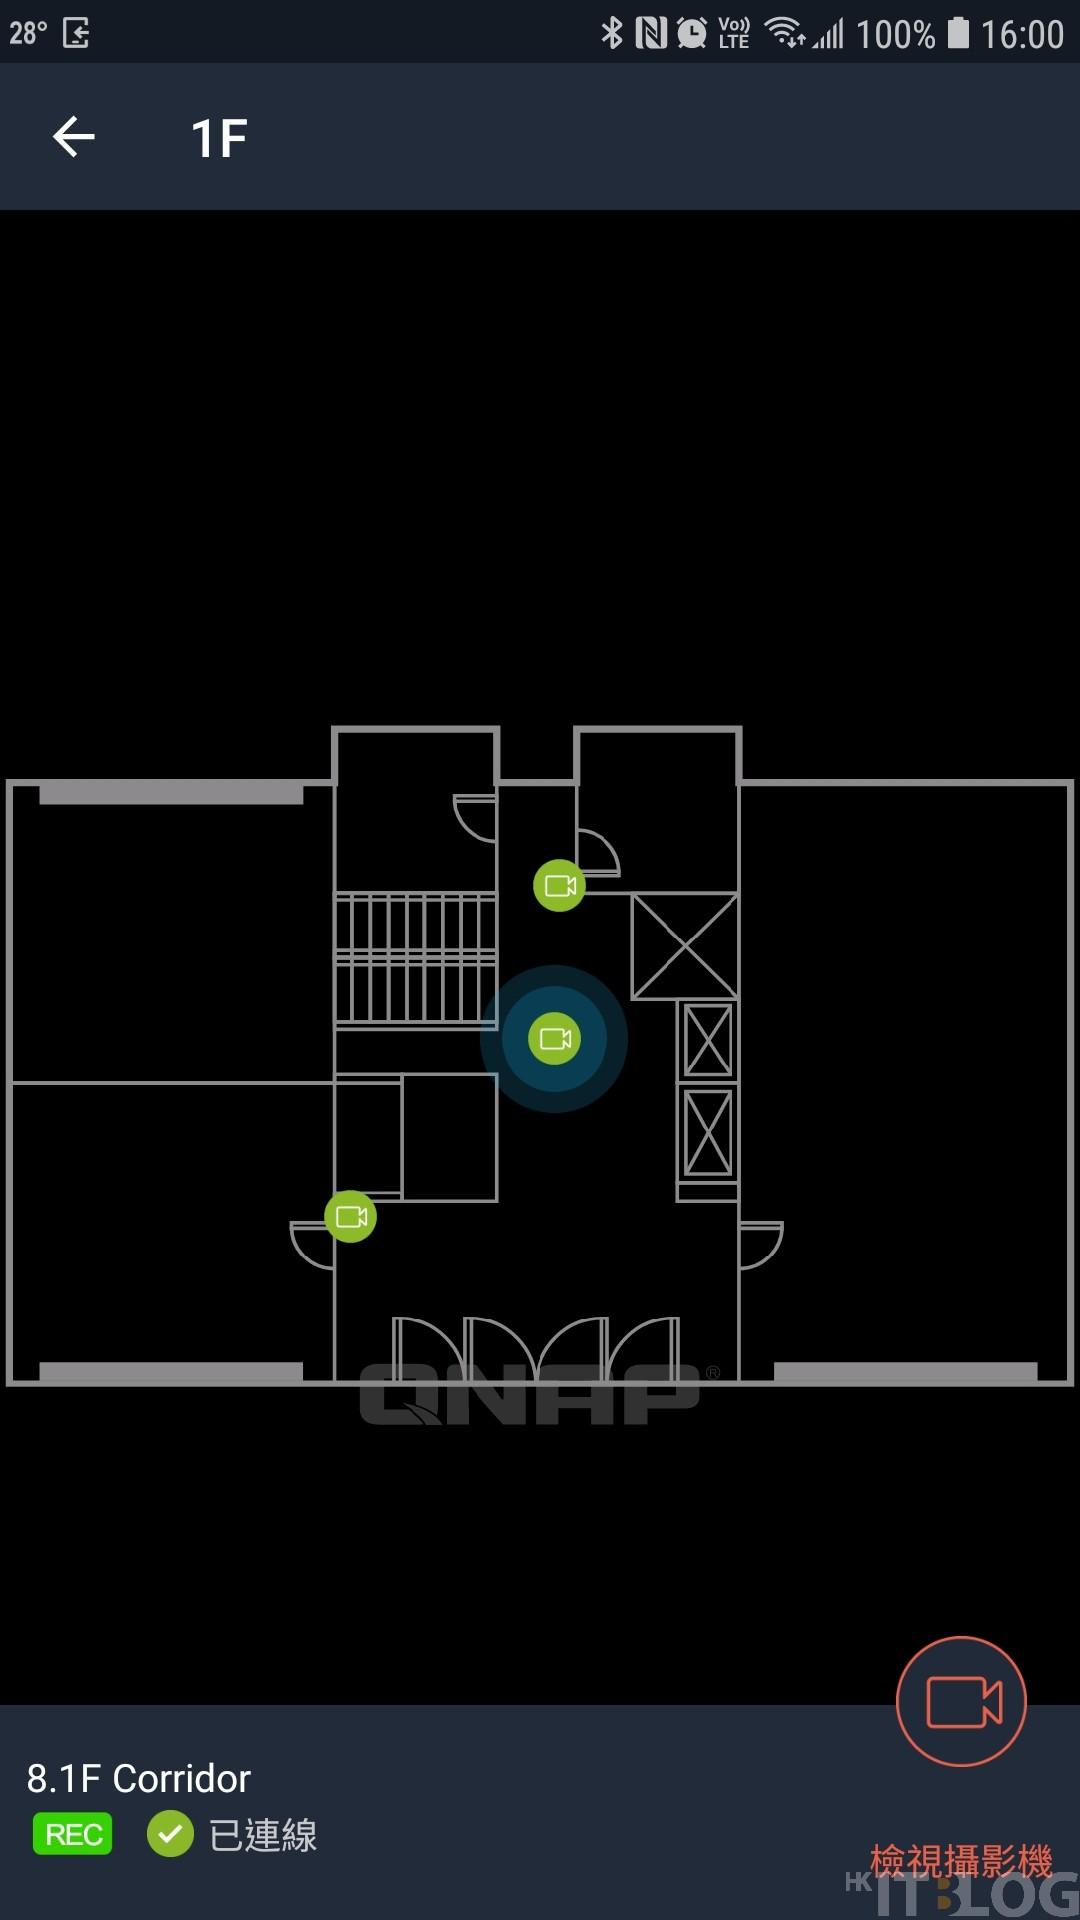 QNAP QVR Pro Motion Detection+電子地圖:從此即時搜證無難度!